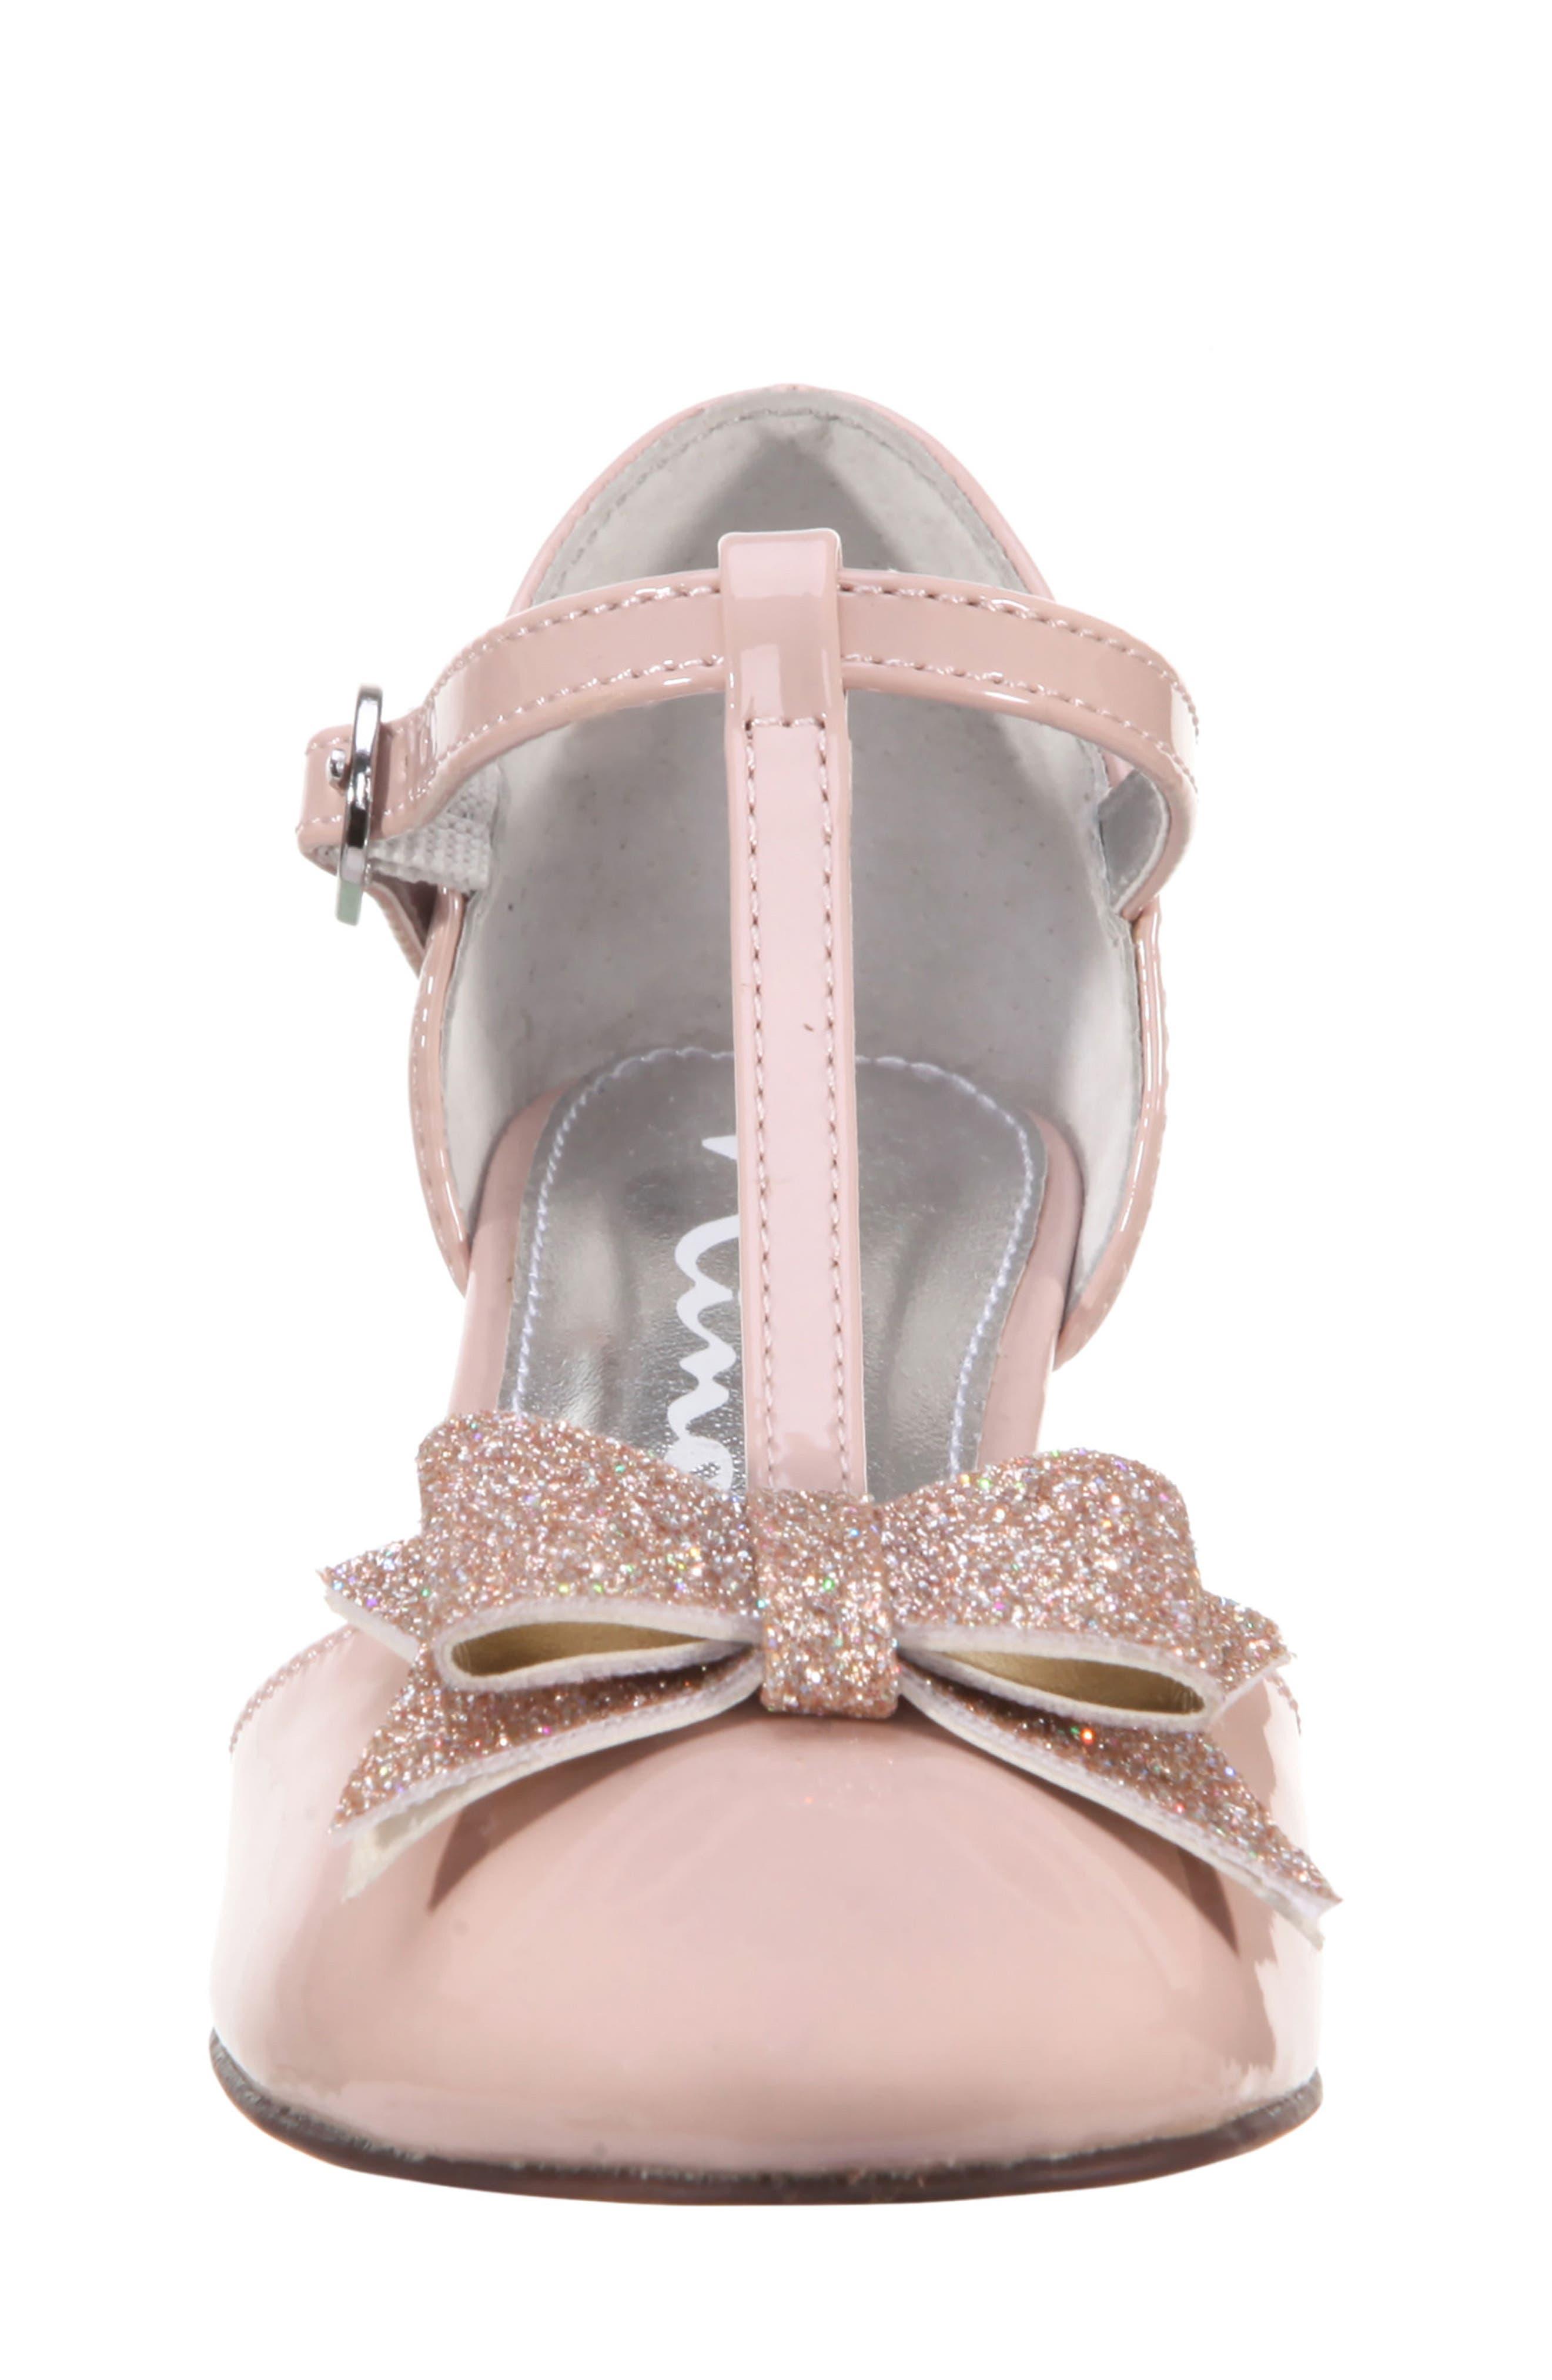 Marvette T-Strap Sandal,                             Alternate thumbnail 4, color,                             BLUSH PATENT